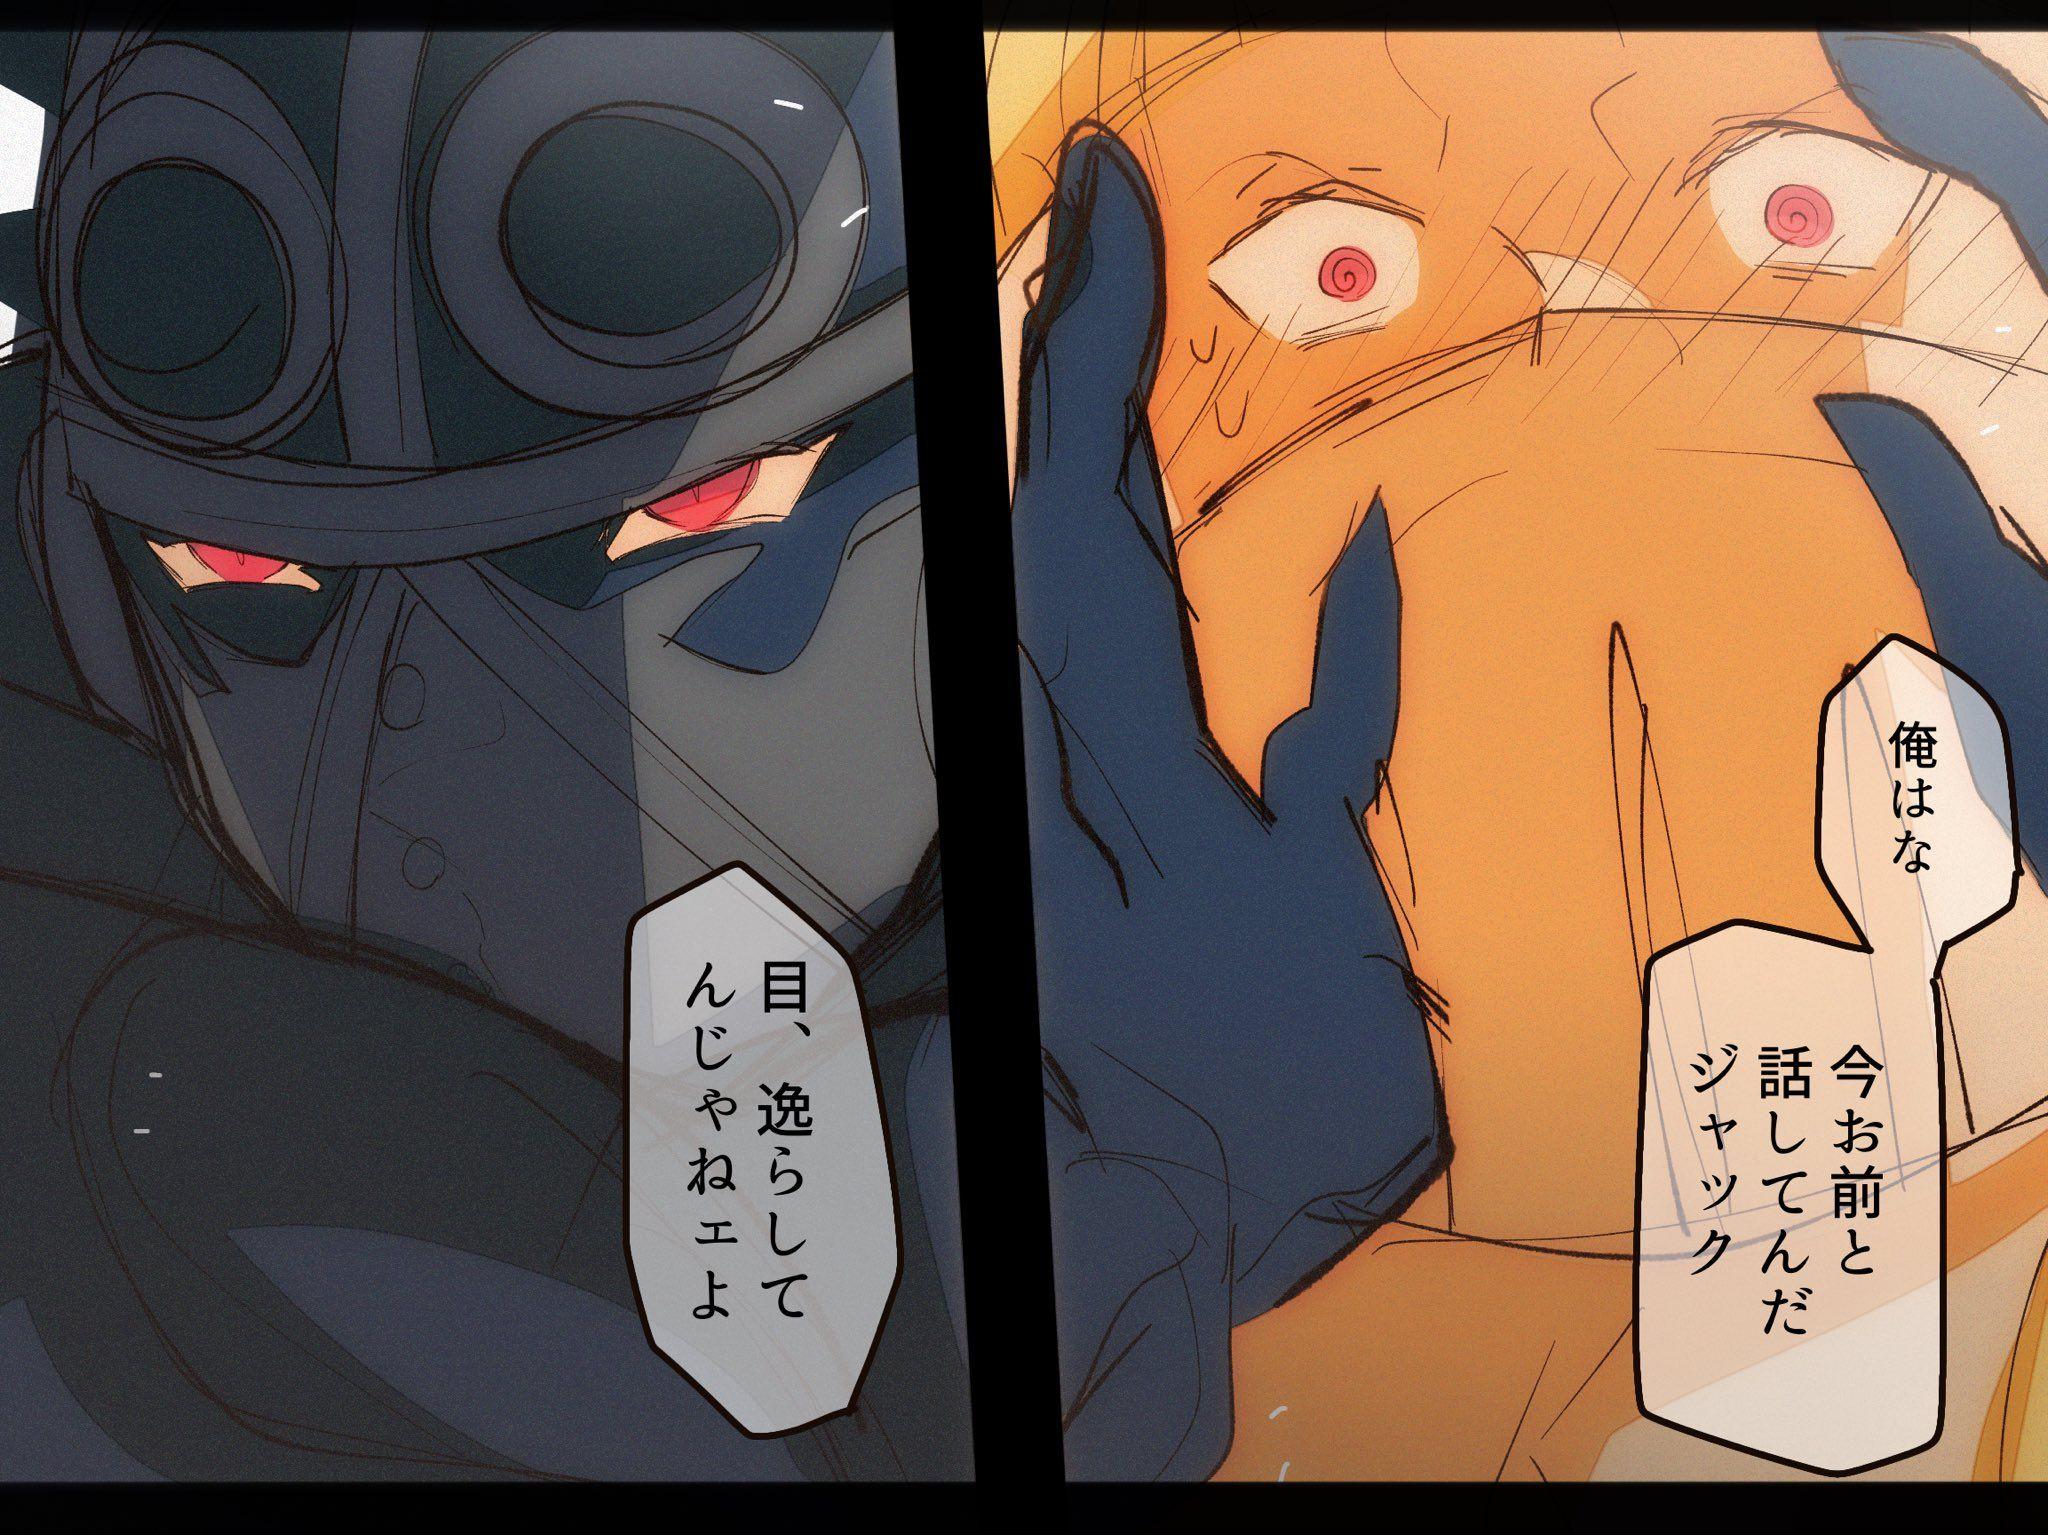 かぁびぃ ワンピース垢 on twitter one piece anime jack one piece jack king